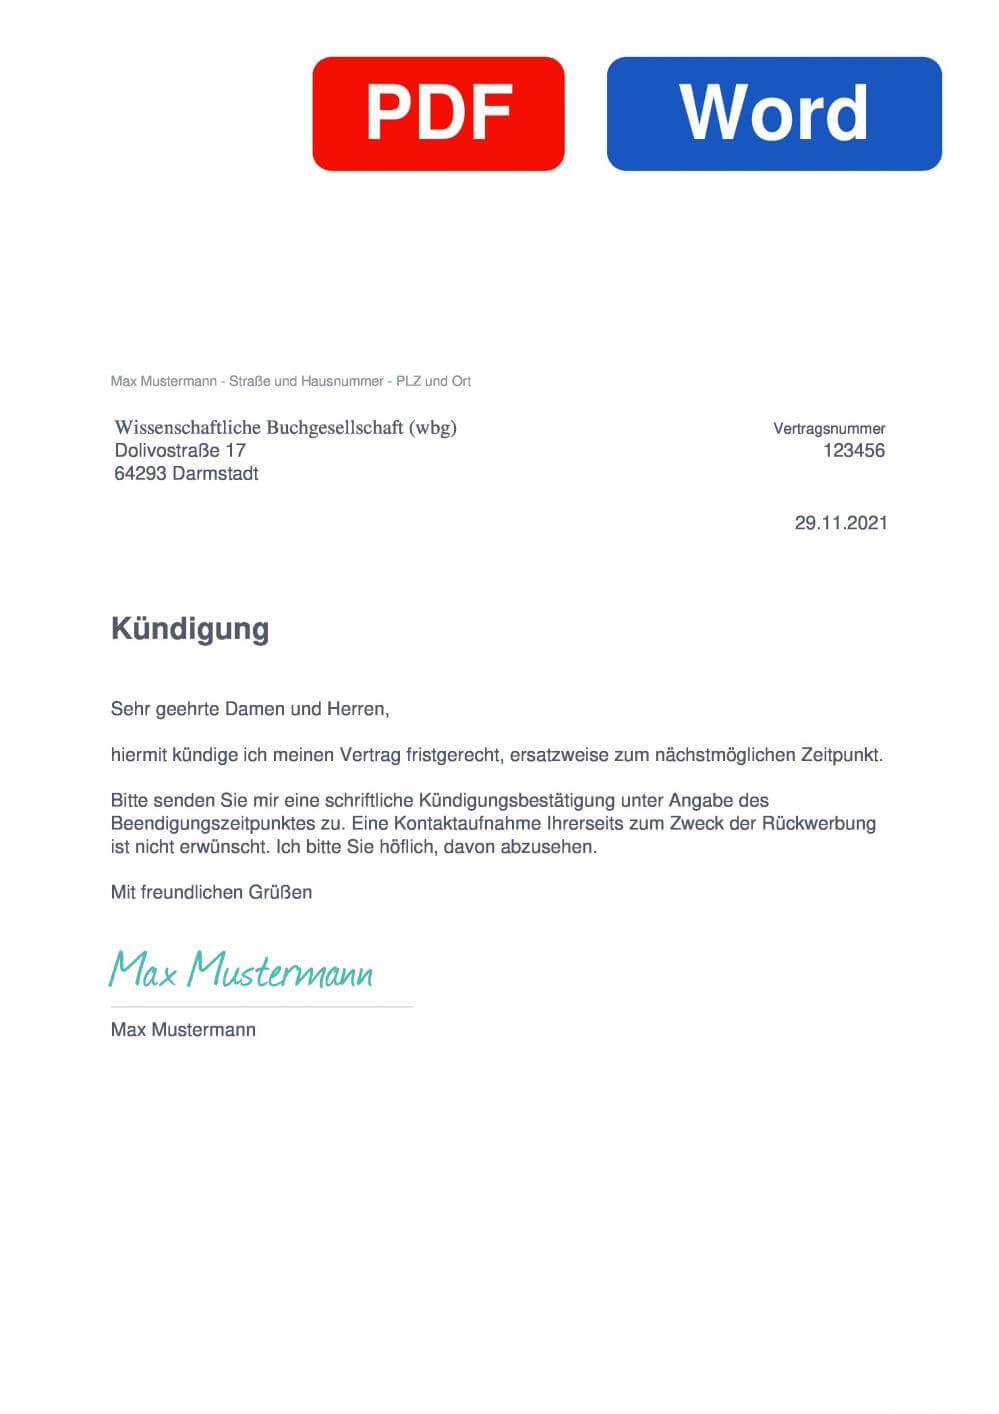 WBG Wissenschaftliche Buchgesellschaft  Muster Vorlage für Kündigungsschreiben